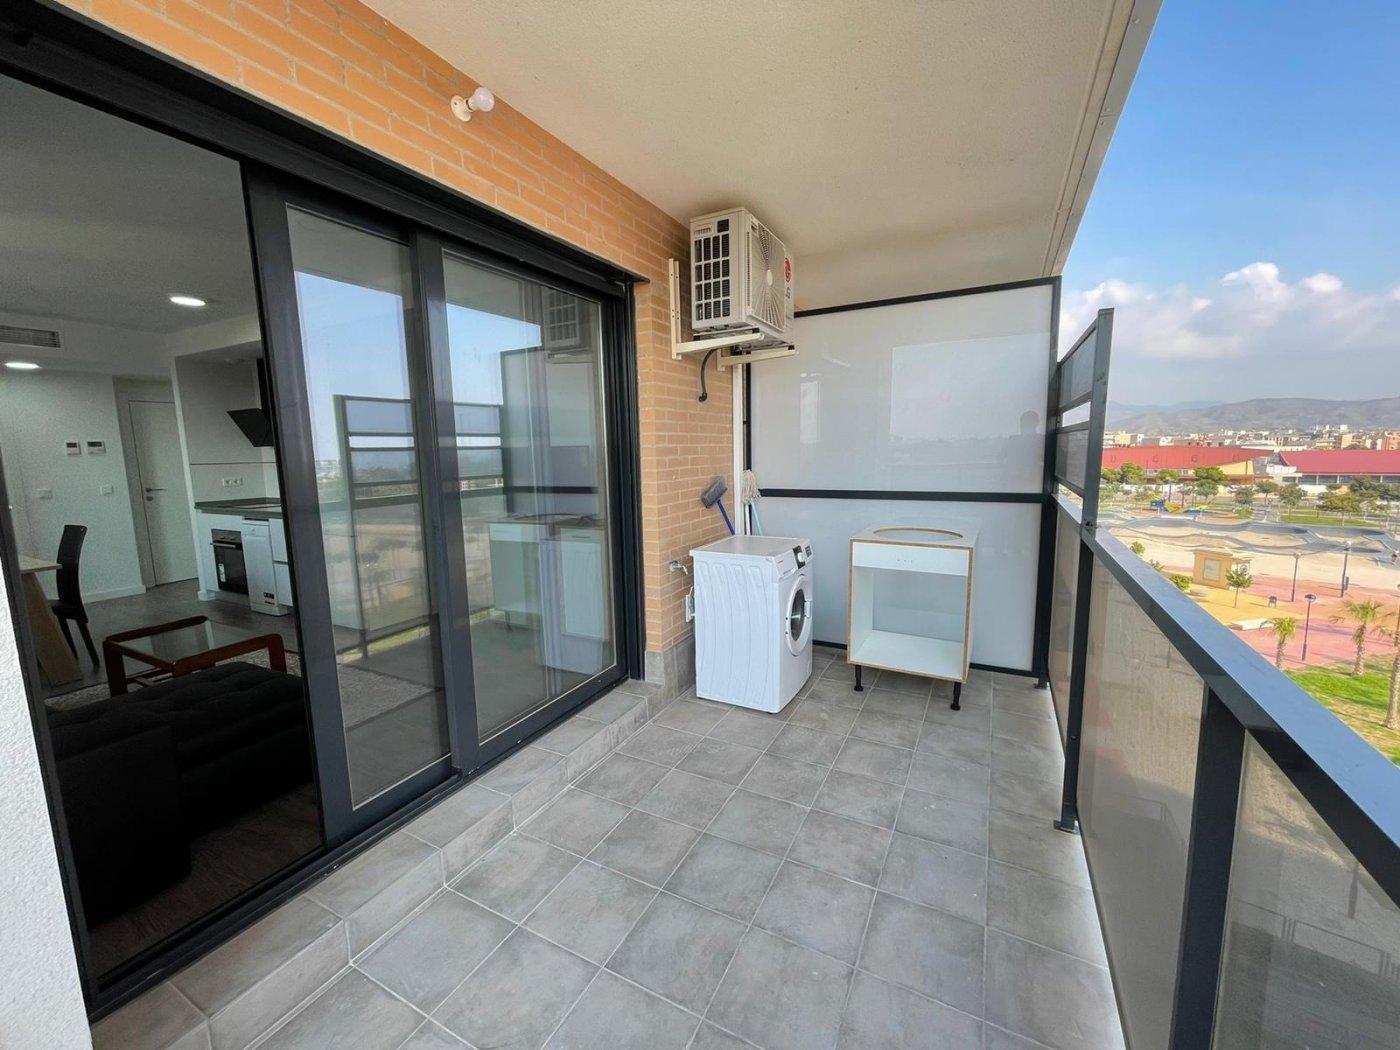 Urbanización, vvda en alquiler amueblada con garaje y trastero. 5 min. playa - imagenInmueble12